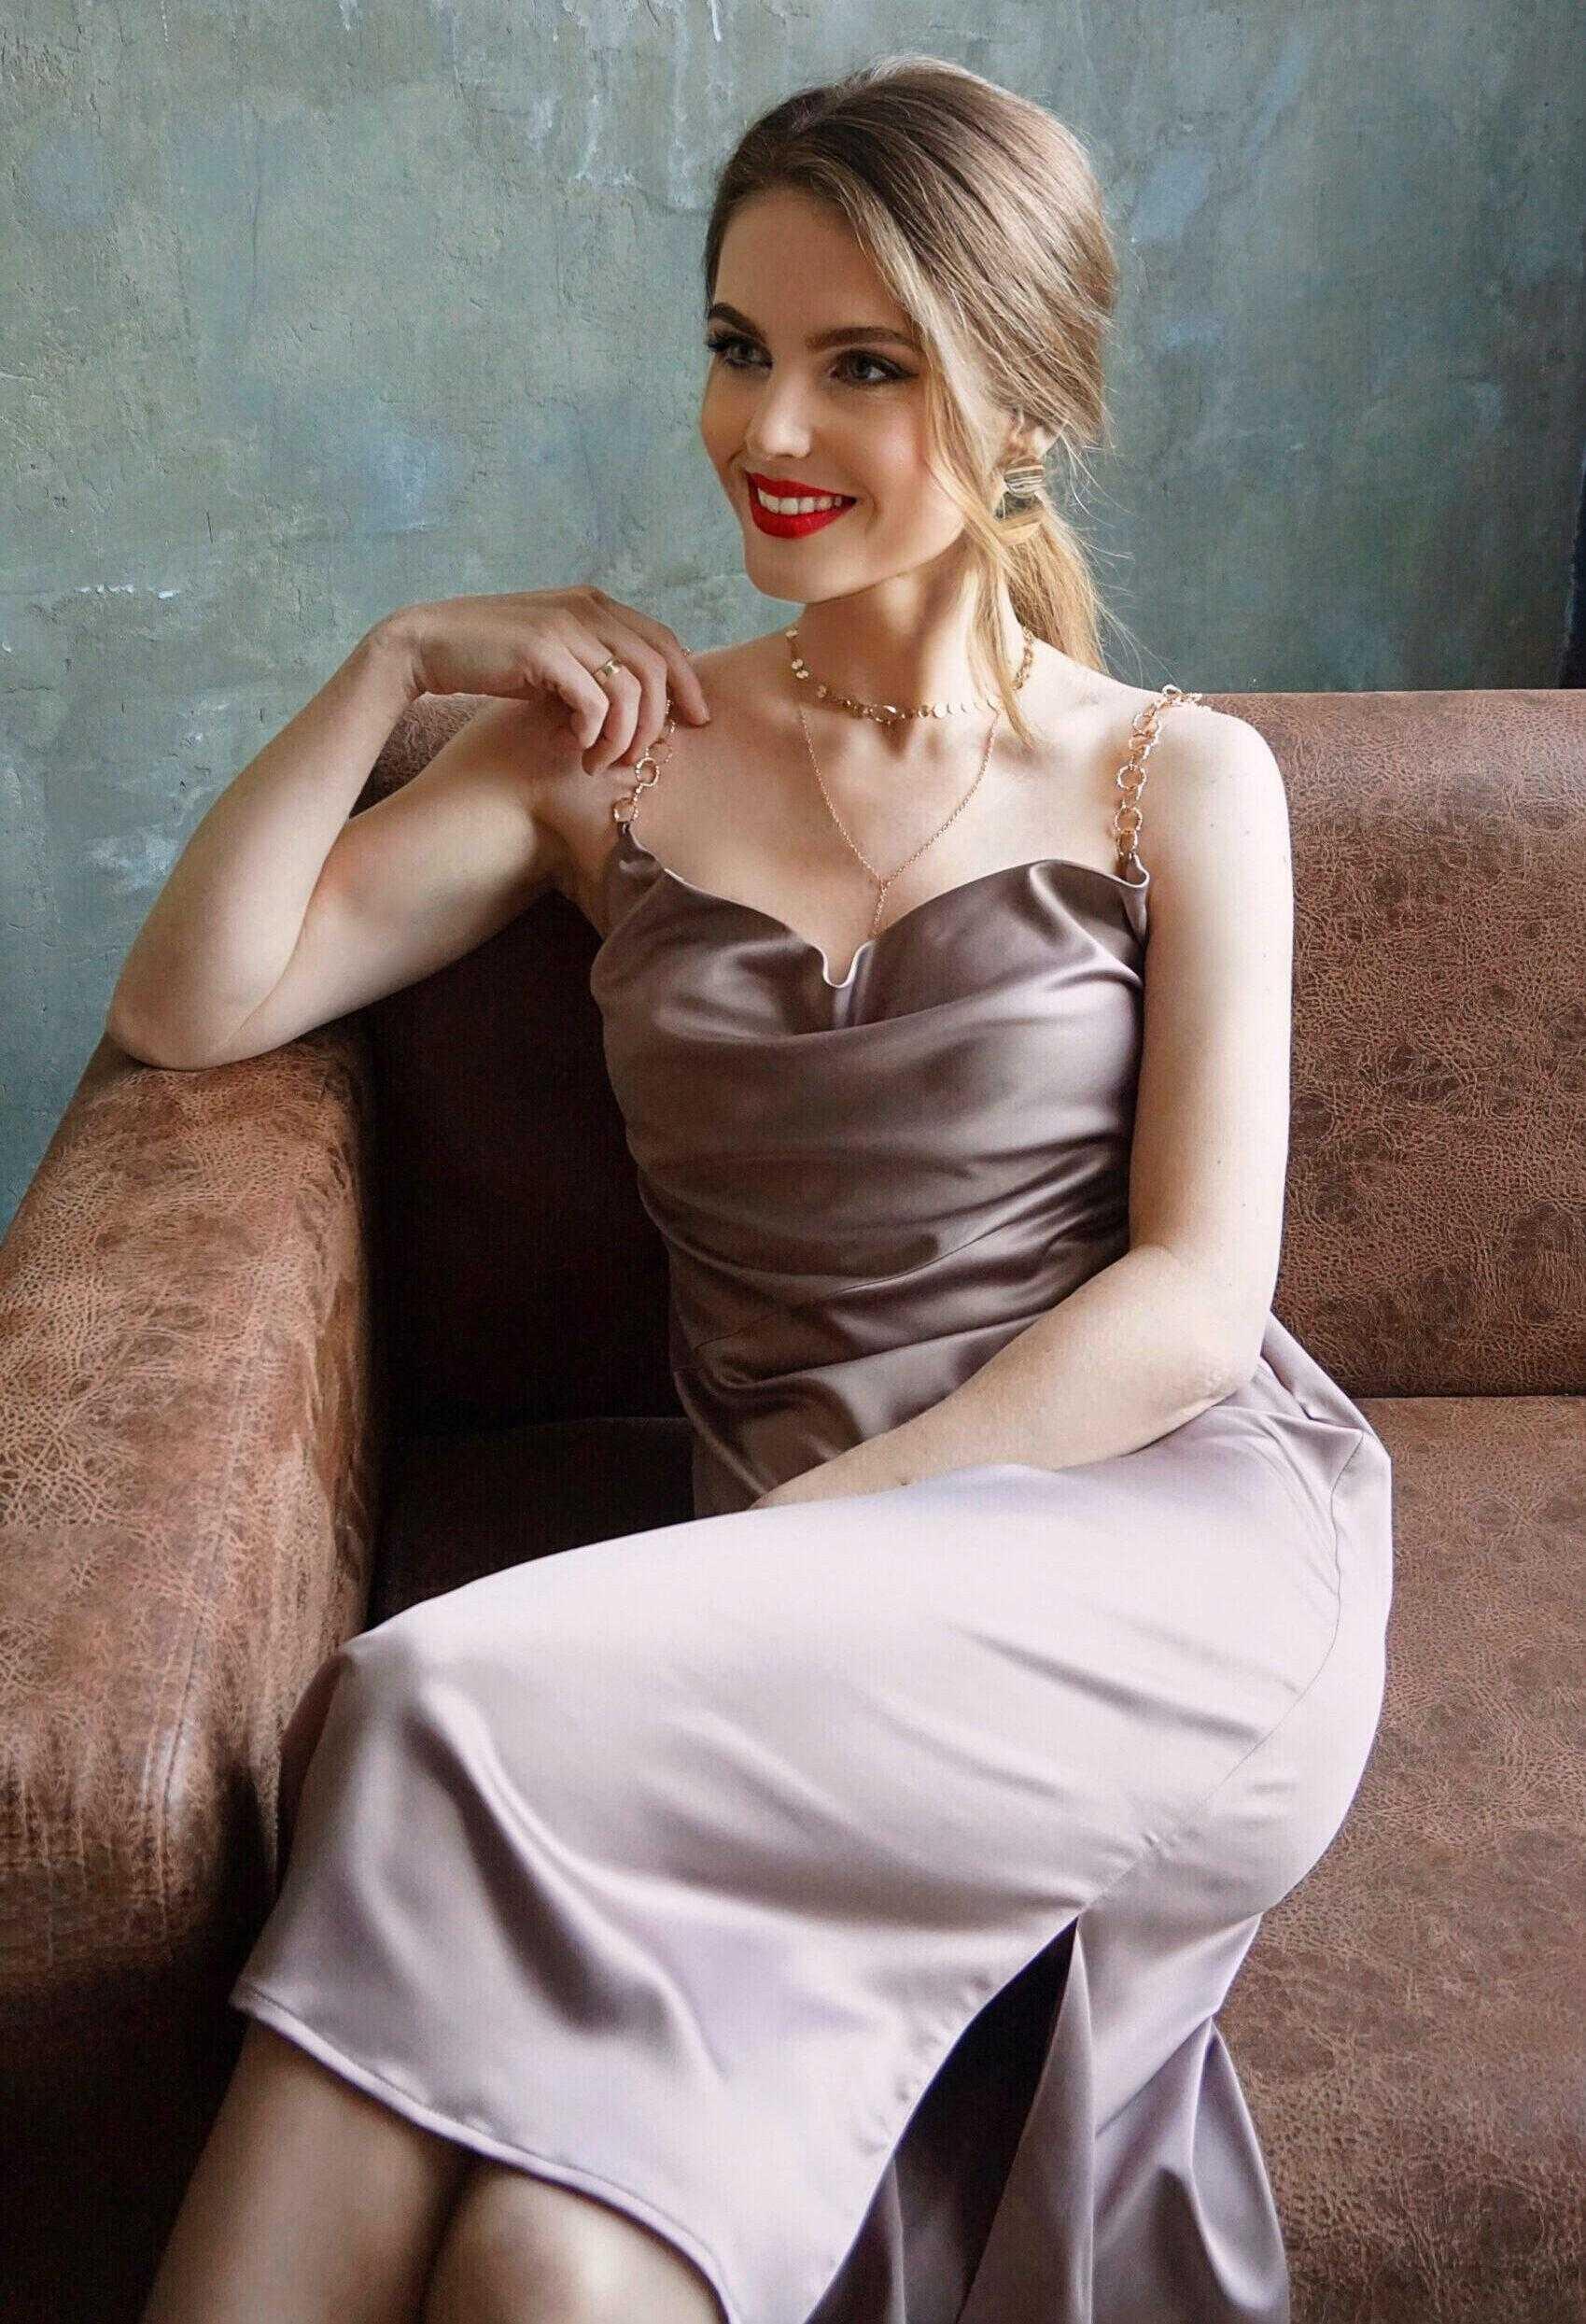 платье комбинация шоколадного цвета